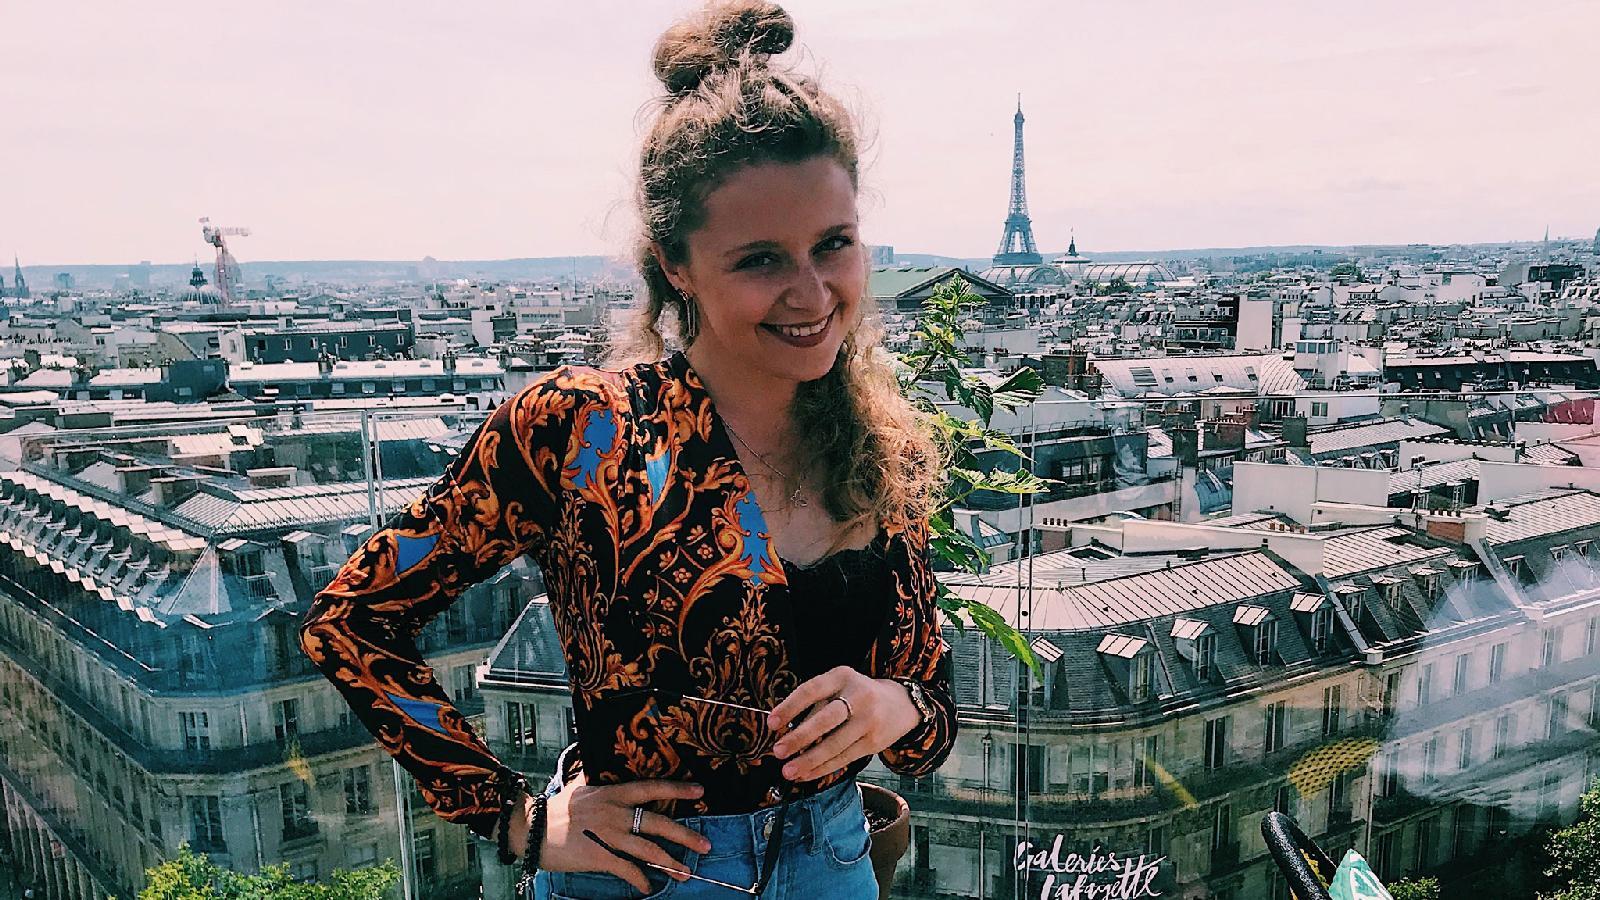 Галерея Лафайет (Galeries Lafayette) в Париже. Вид на Эйфелеву башню.  Фотограф: Анастасия Шипук